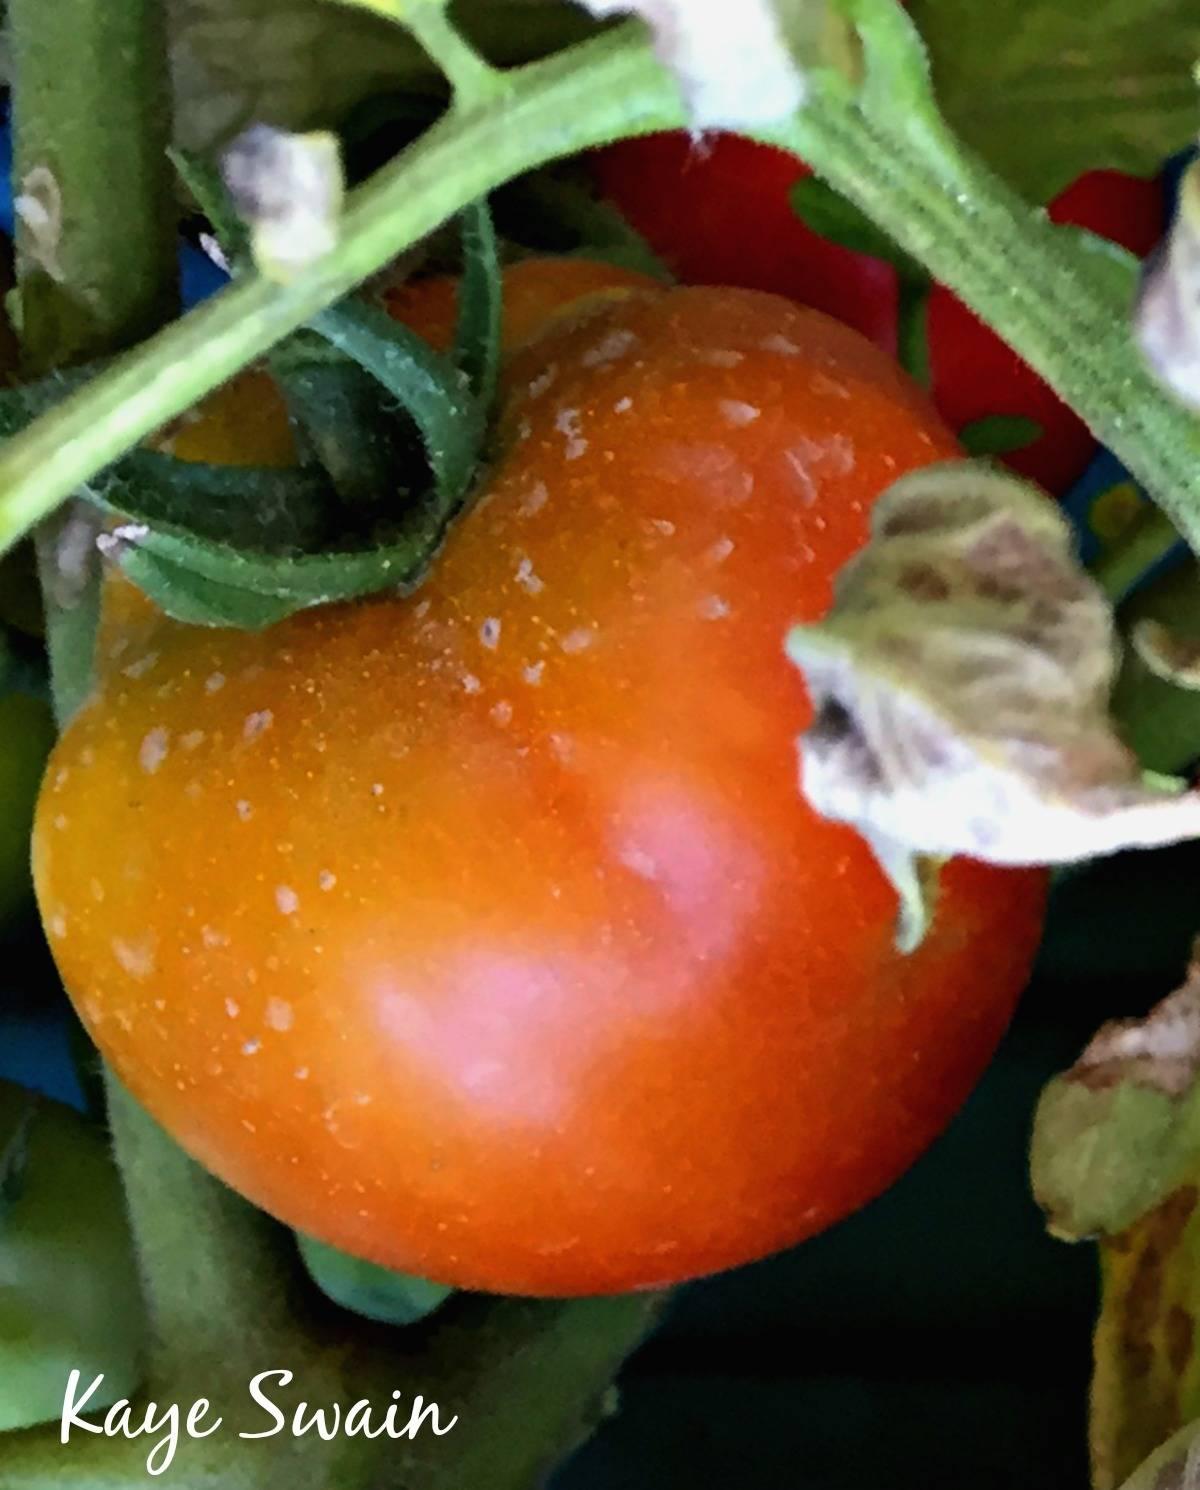 Kaye Swain Roseville real estate agent shares senior moms tomato better than any healthy eating restaurants Roseville CA